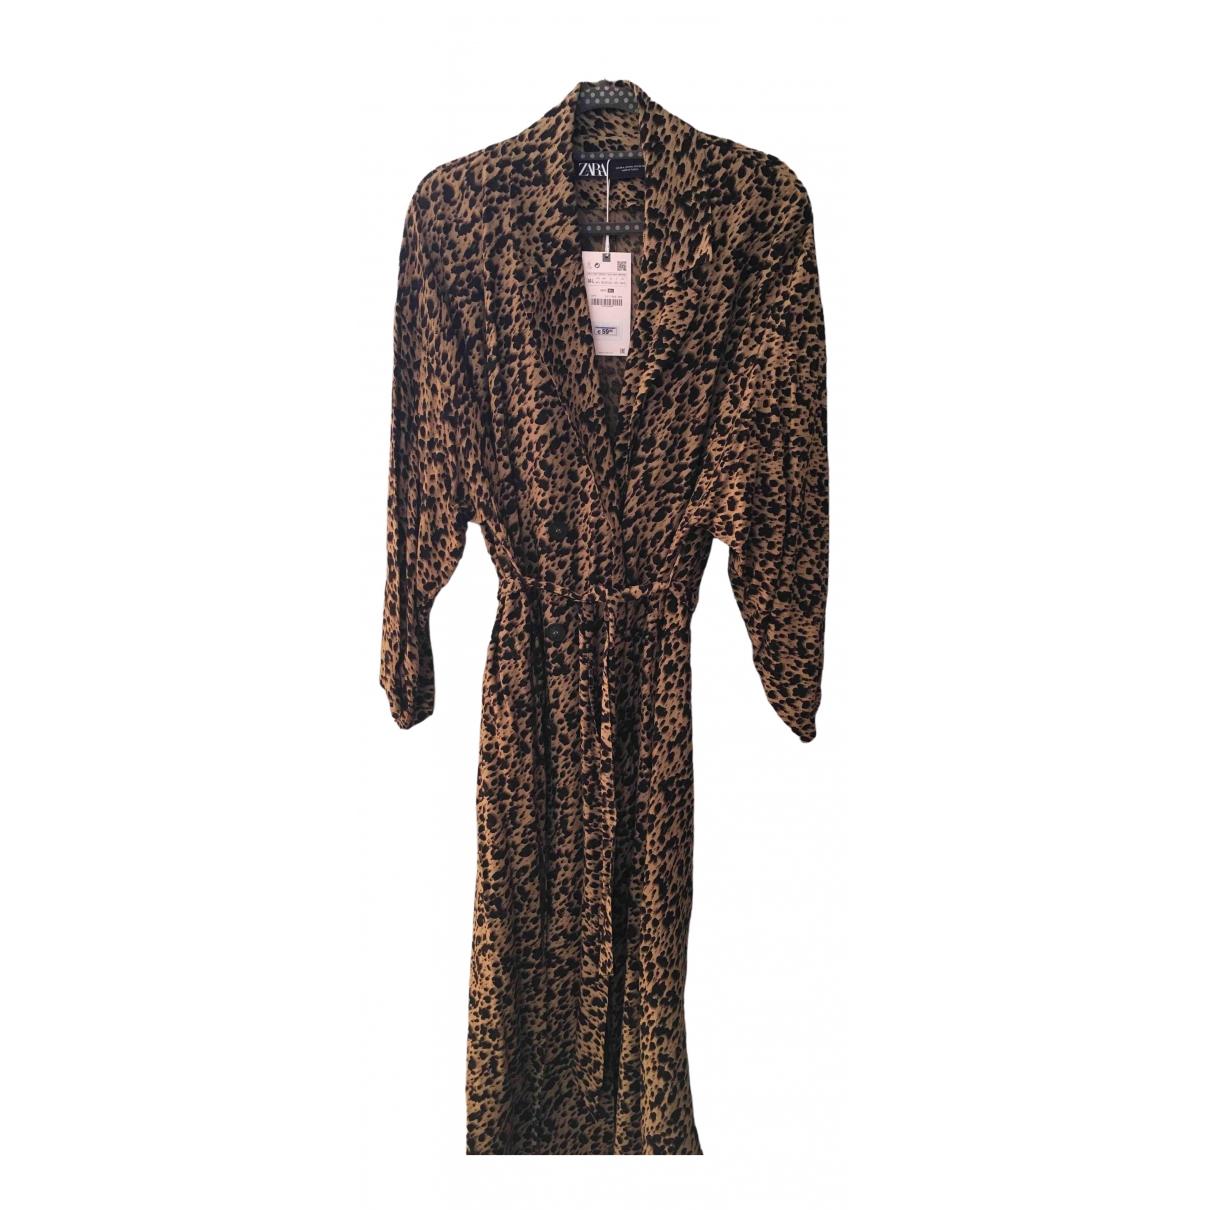 Zara \N Black Trench coat for Women M International